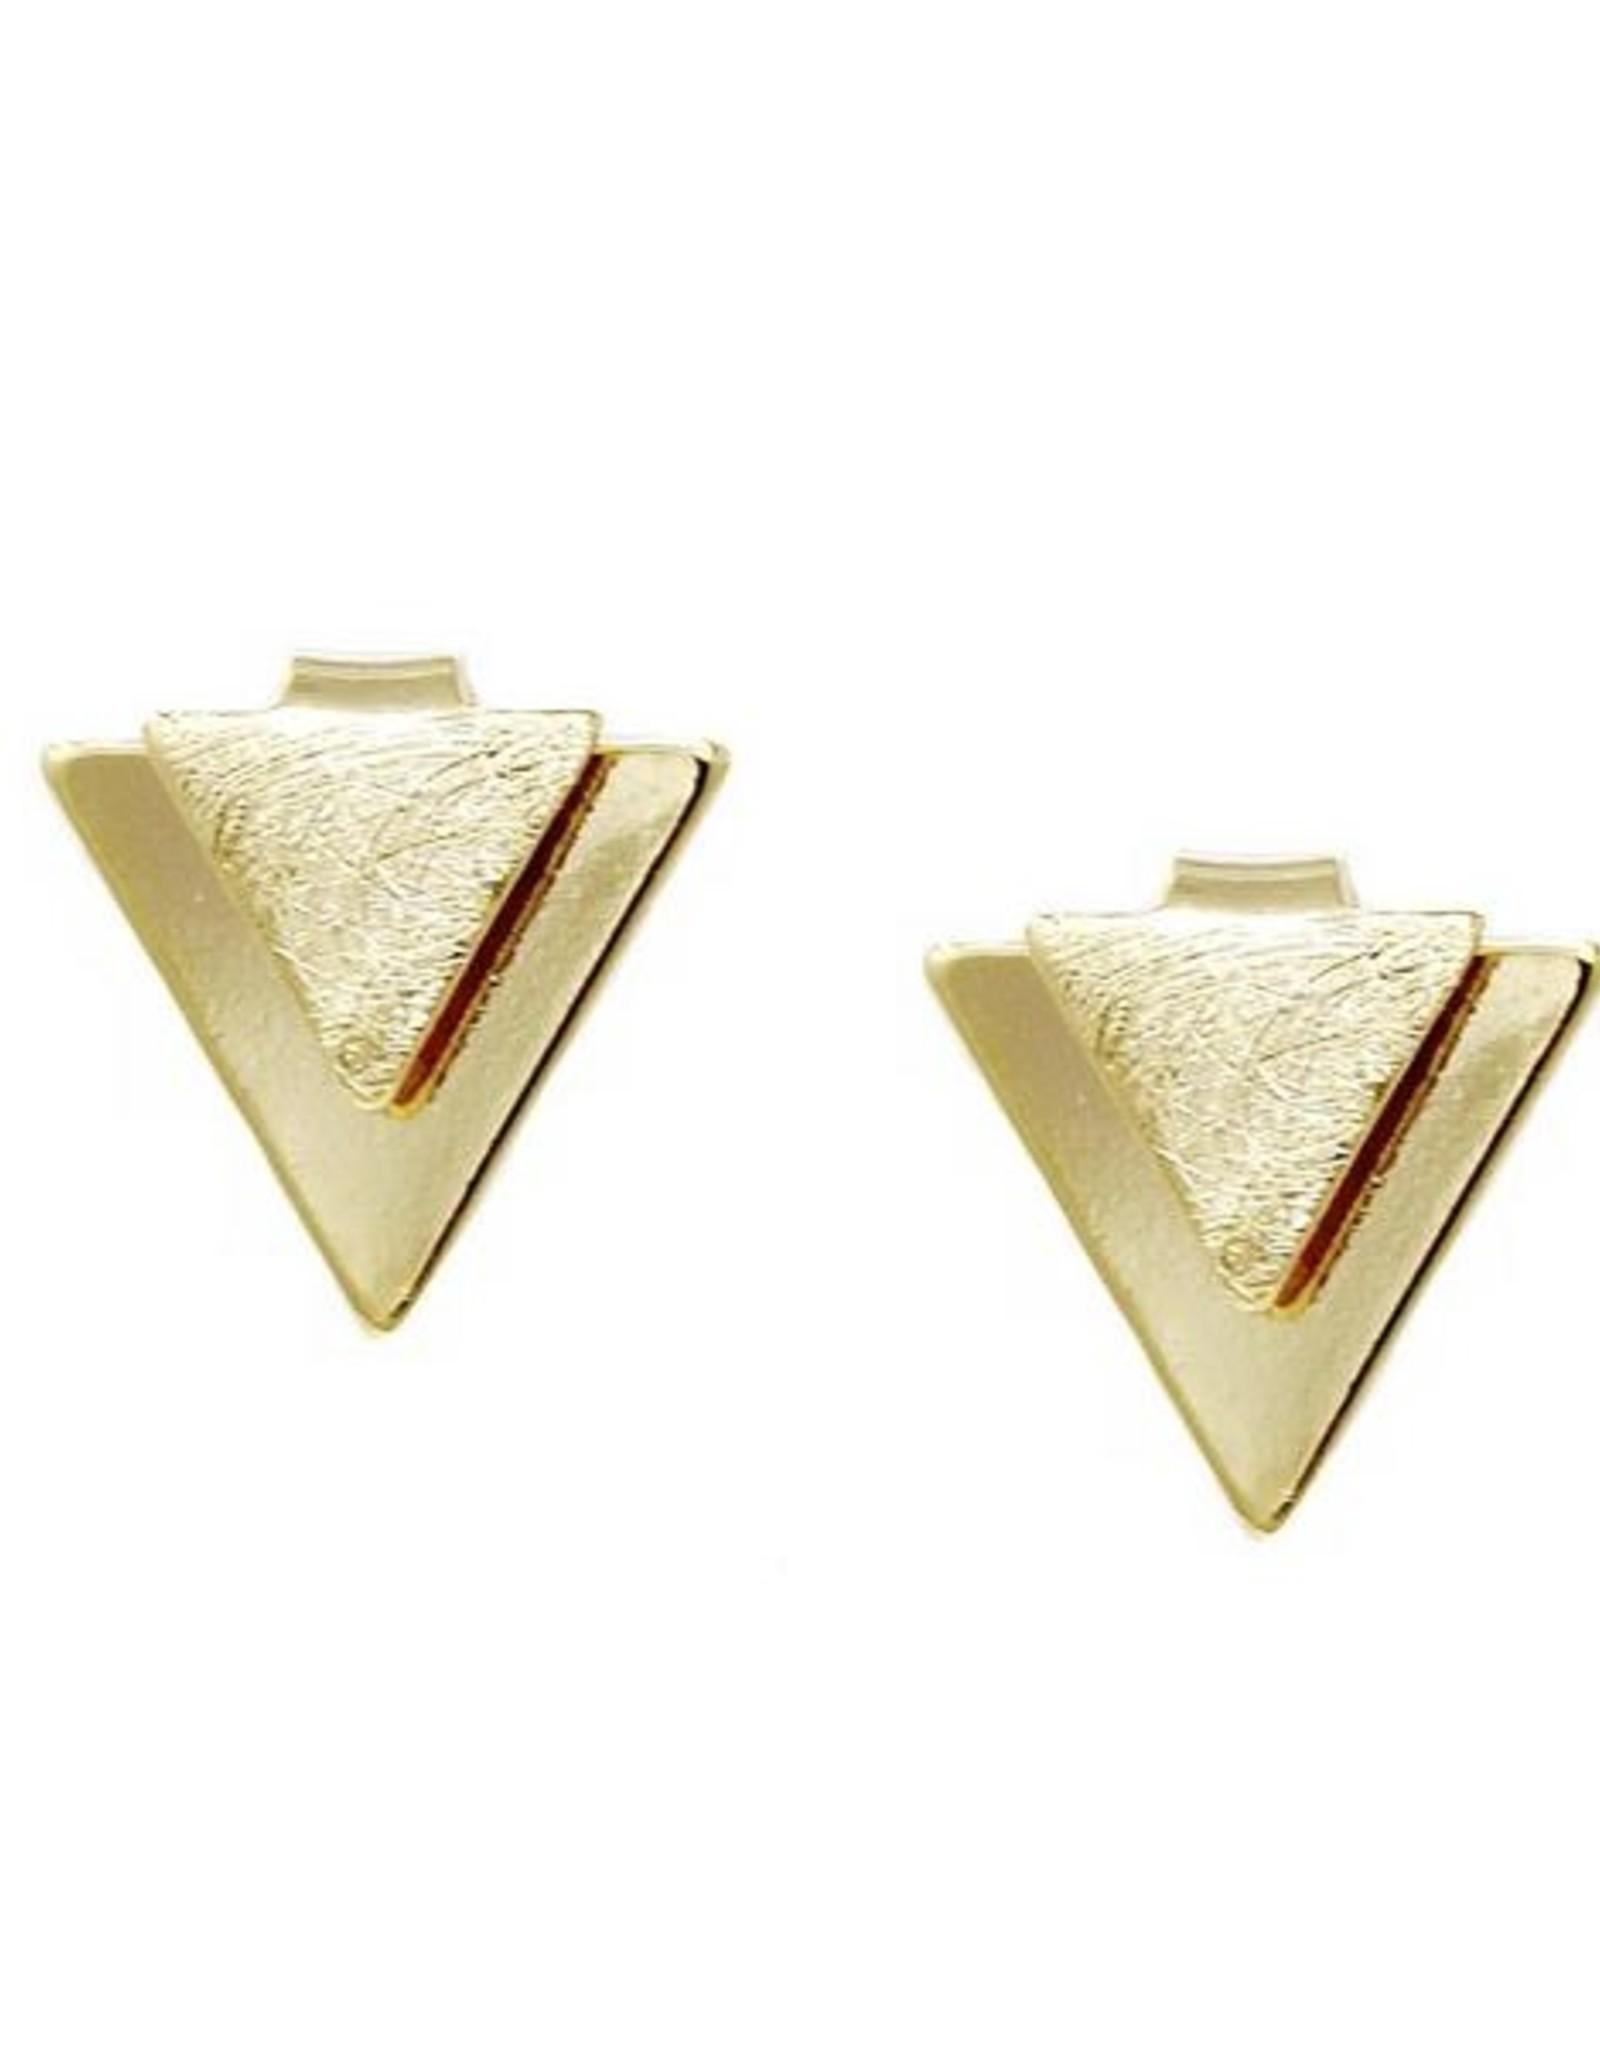 Double Triangle Metal Stud Earrings